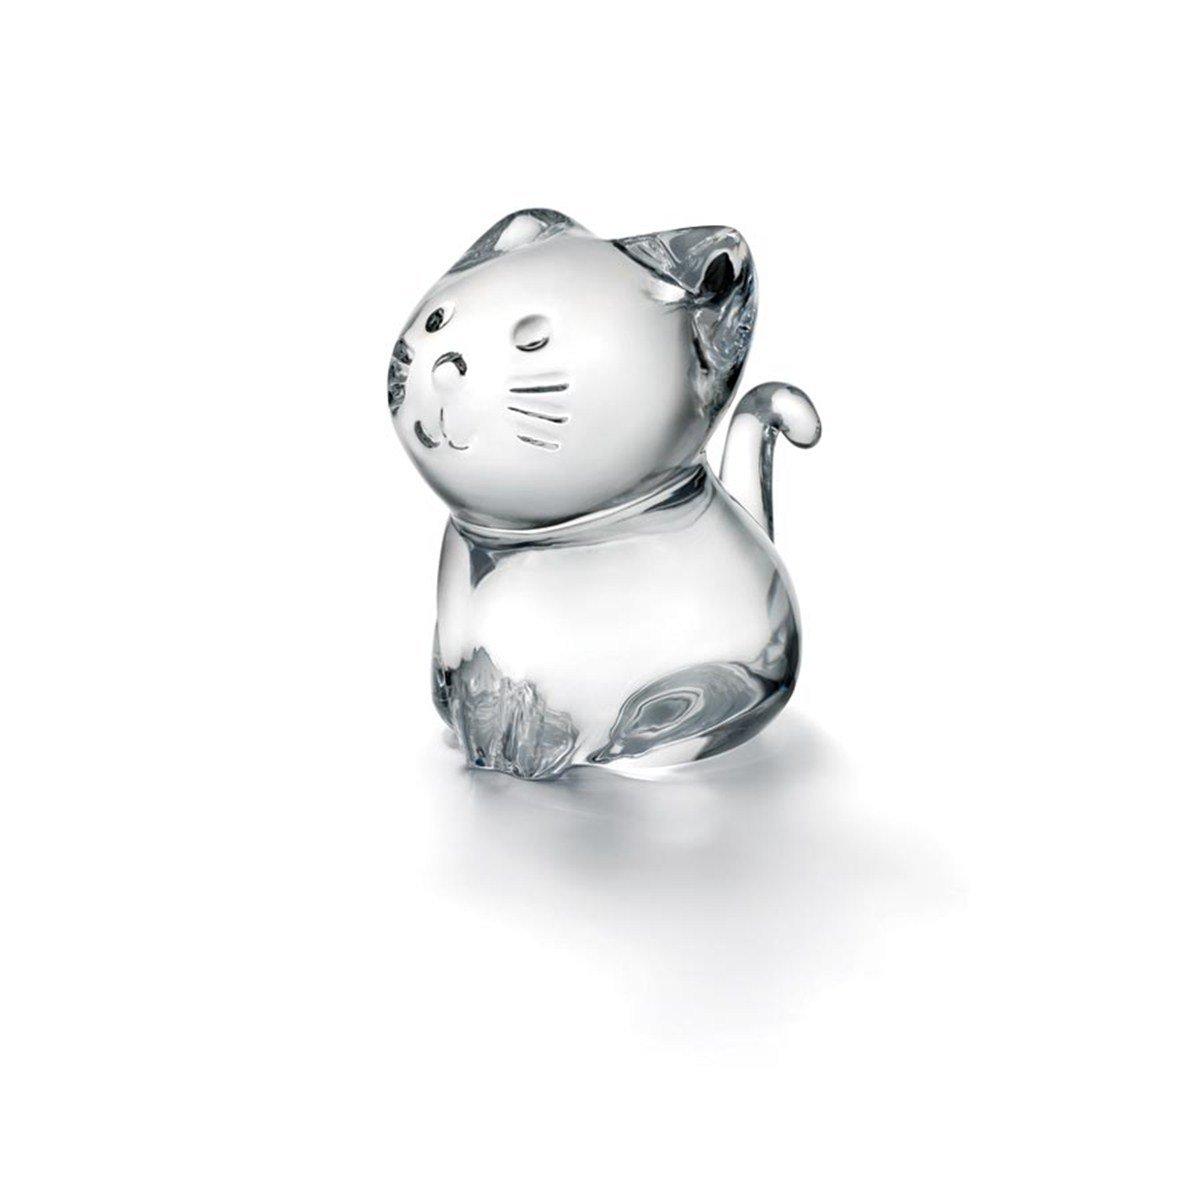 バカラ Baccara クリスタルフギュア ミニマルズ Minimals ネコ 猫 置き物 2610097 【並行輸入品】 2610097 B00EAOJEI6